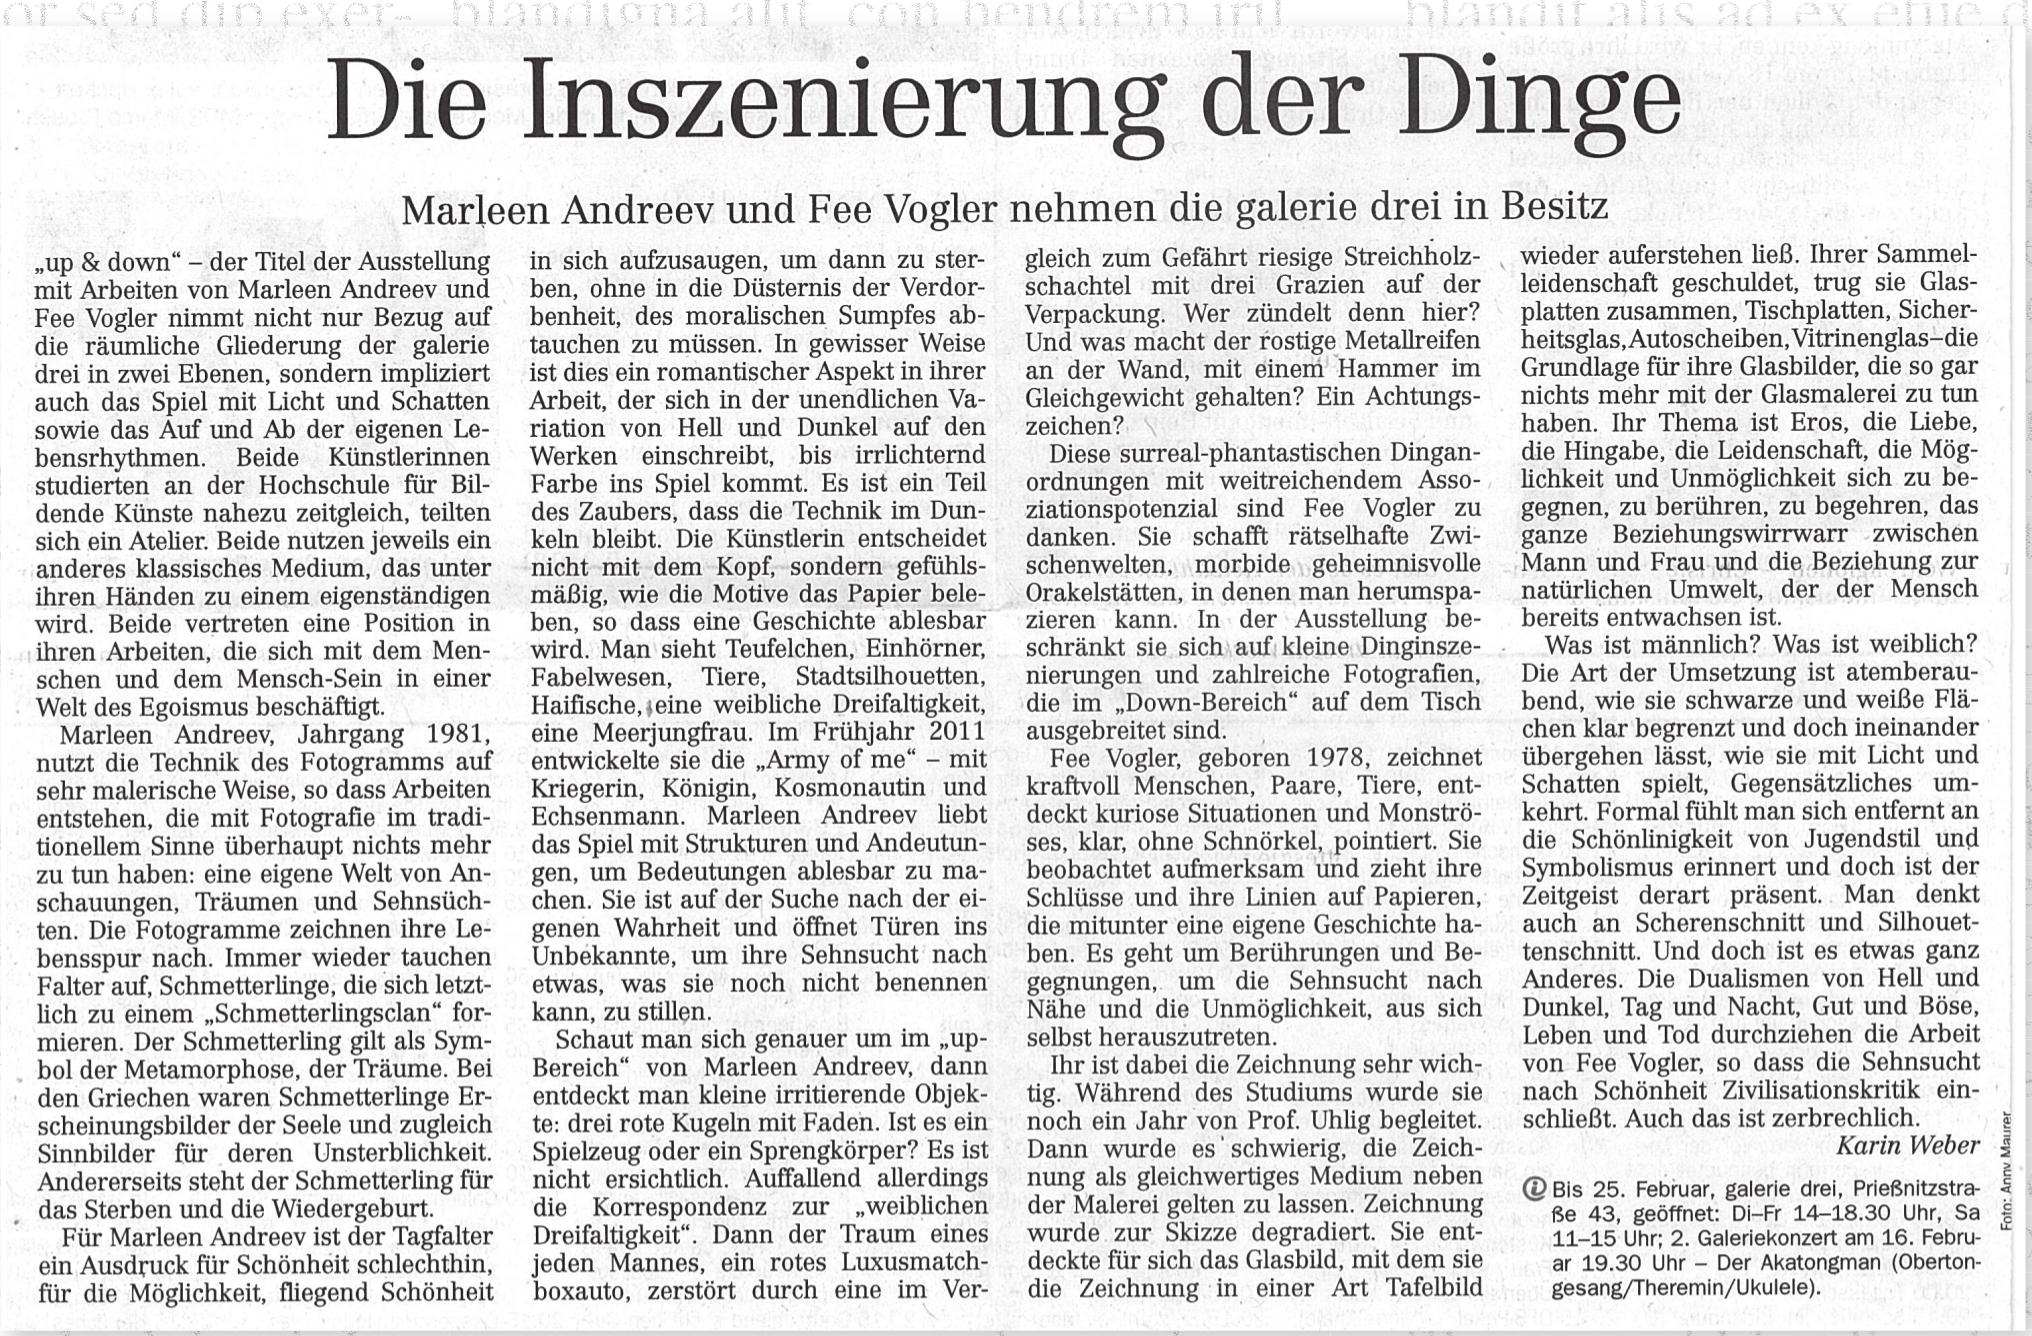 Dresdner Neueste Nachrichten, Karin Weber